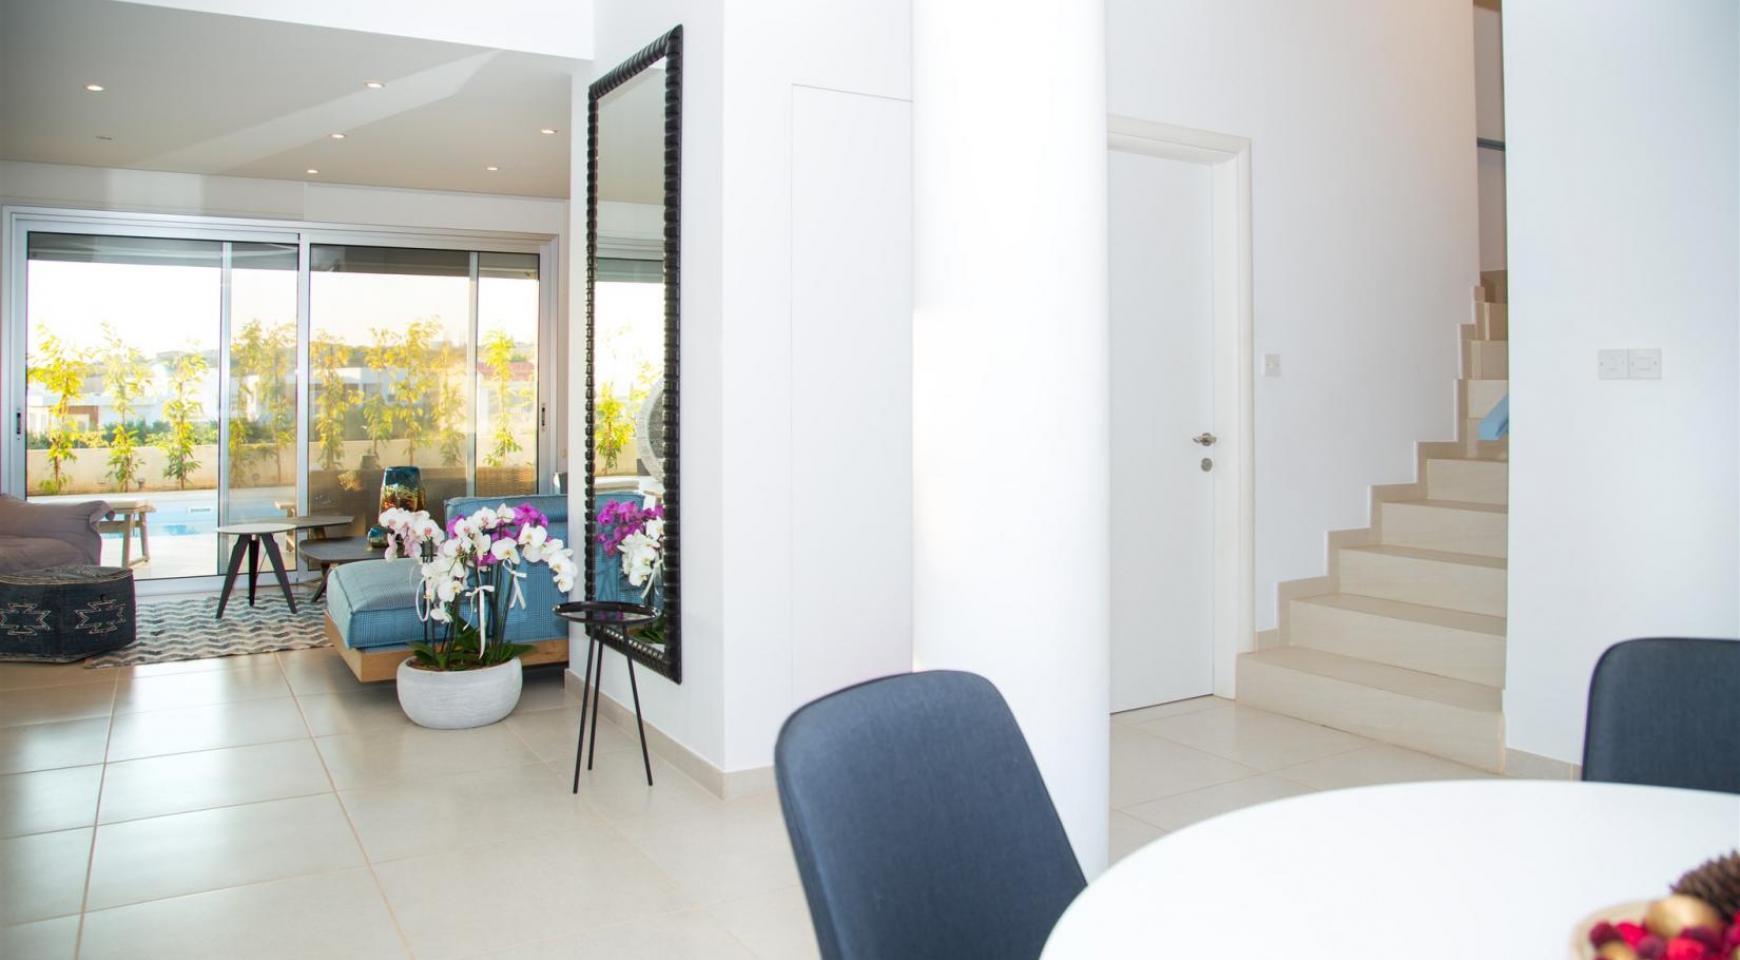 Contemporary 3 Bedroom Villa with Breathtaking Sea Views in Agios Tychonas - 5